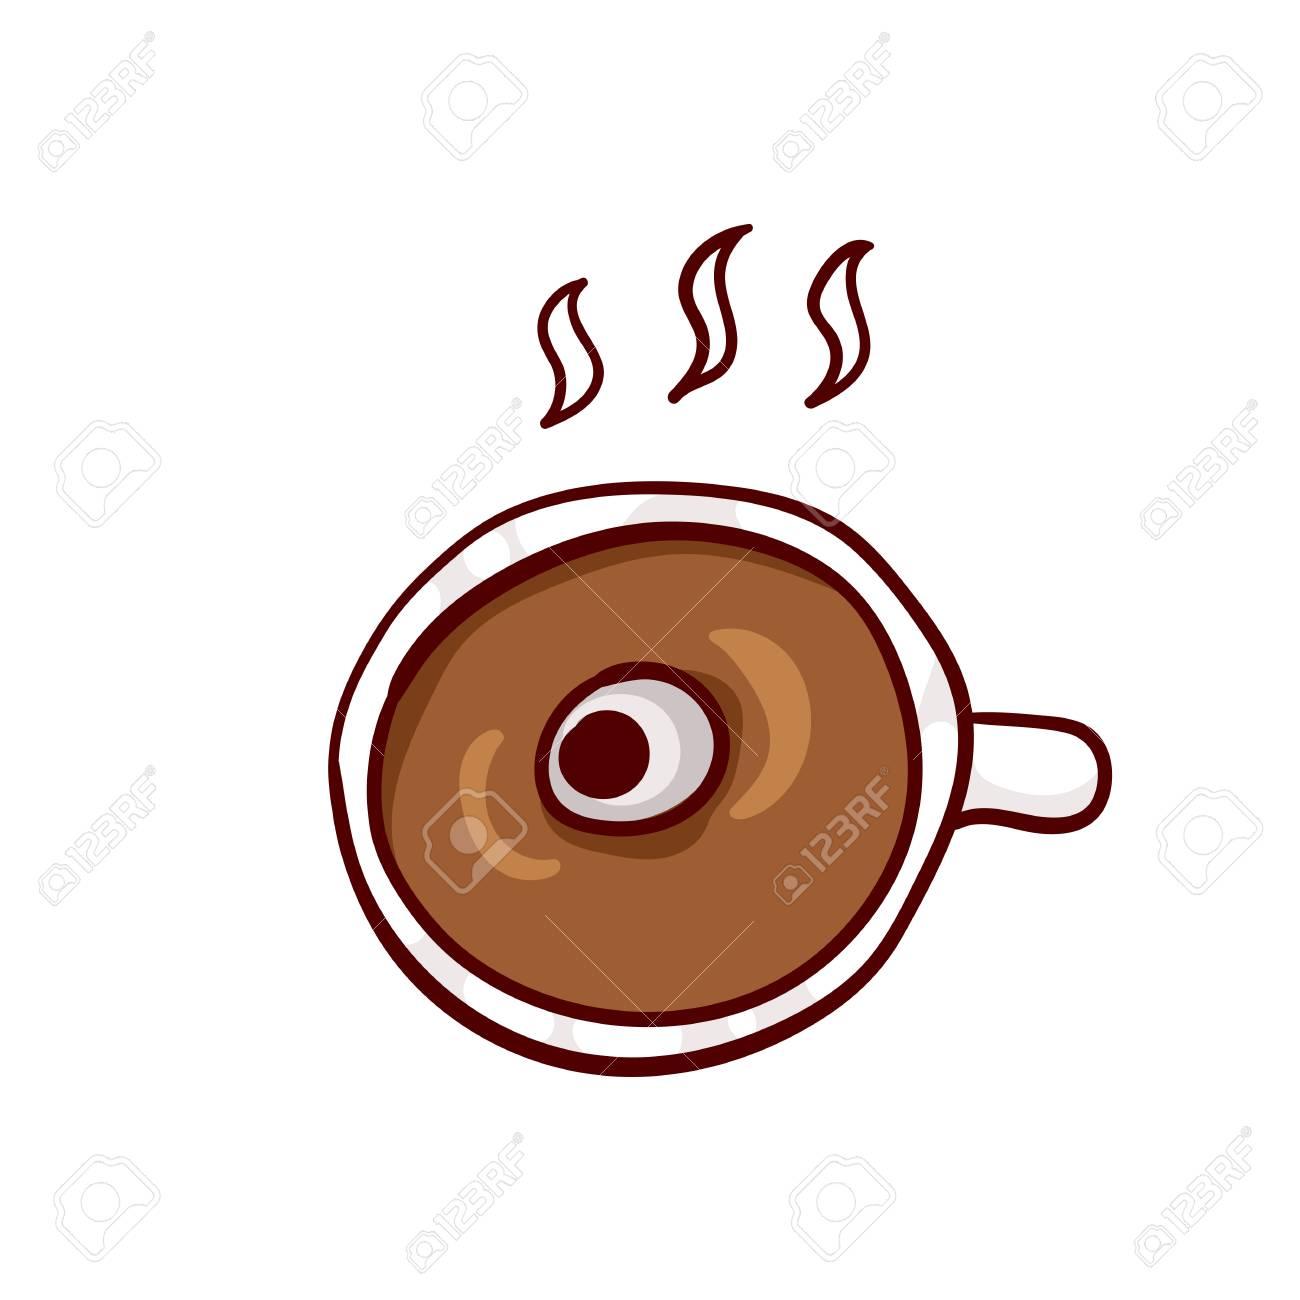 Taza De Café Caliente Con Globo Ocular Halloween Del Almuerzo Clip Art Aislado En Blanco Dibujado A Mano Icono Incompleto Elemento De Diseño De